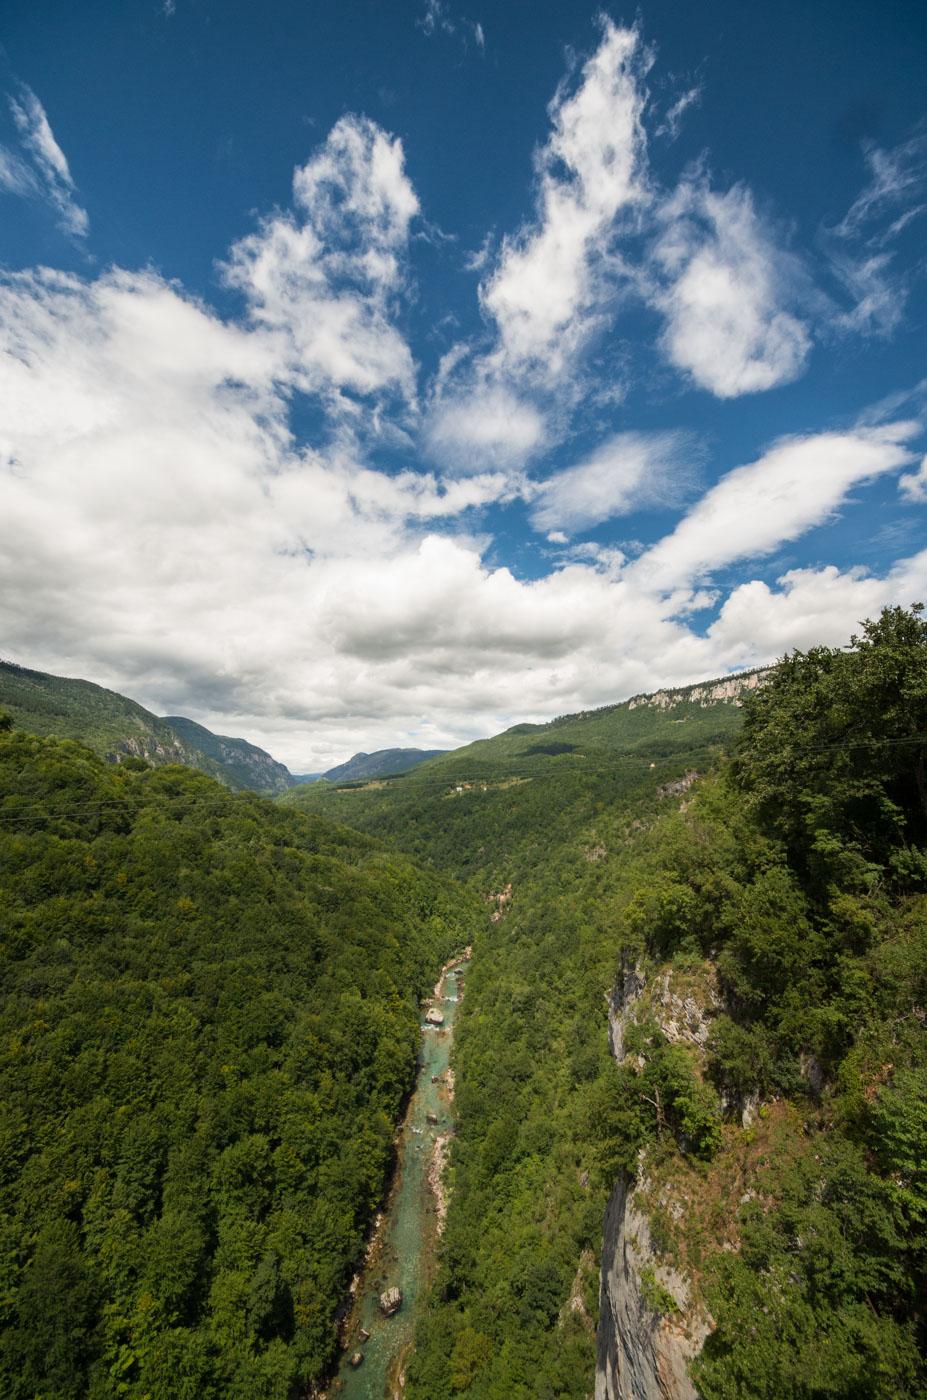 Bridge over the Tara canyon